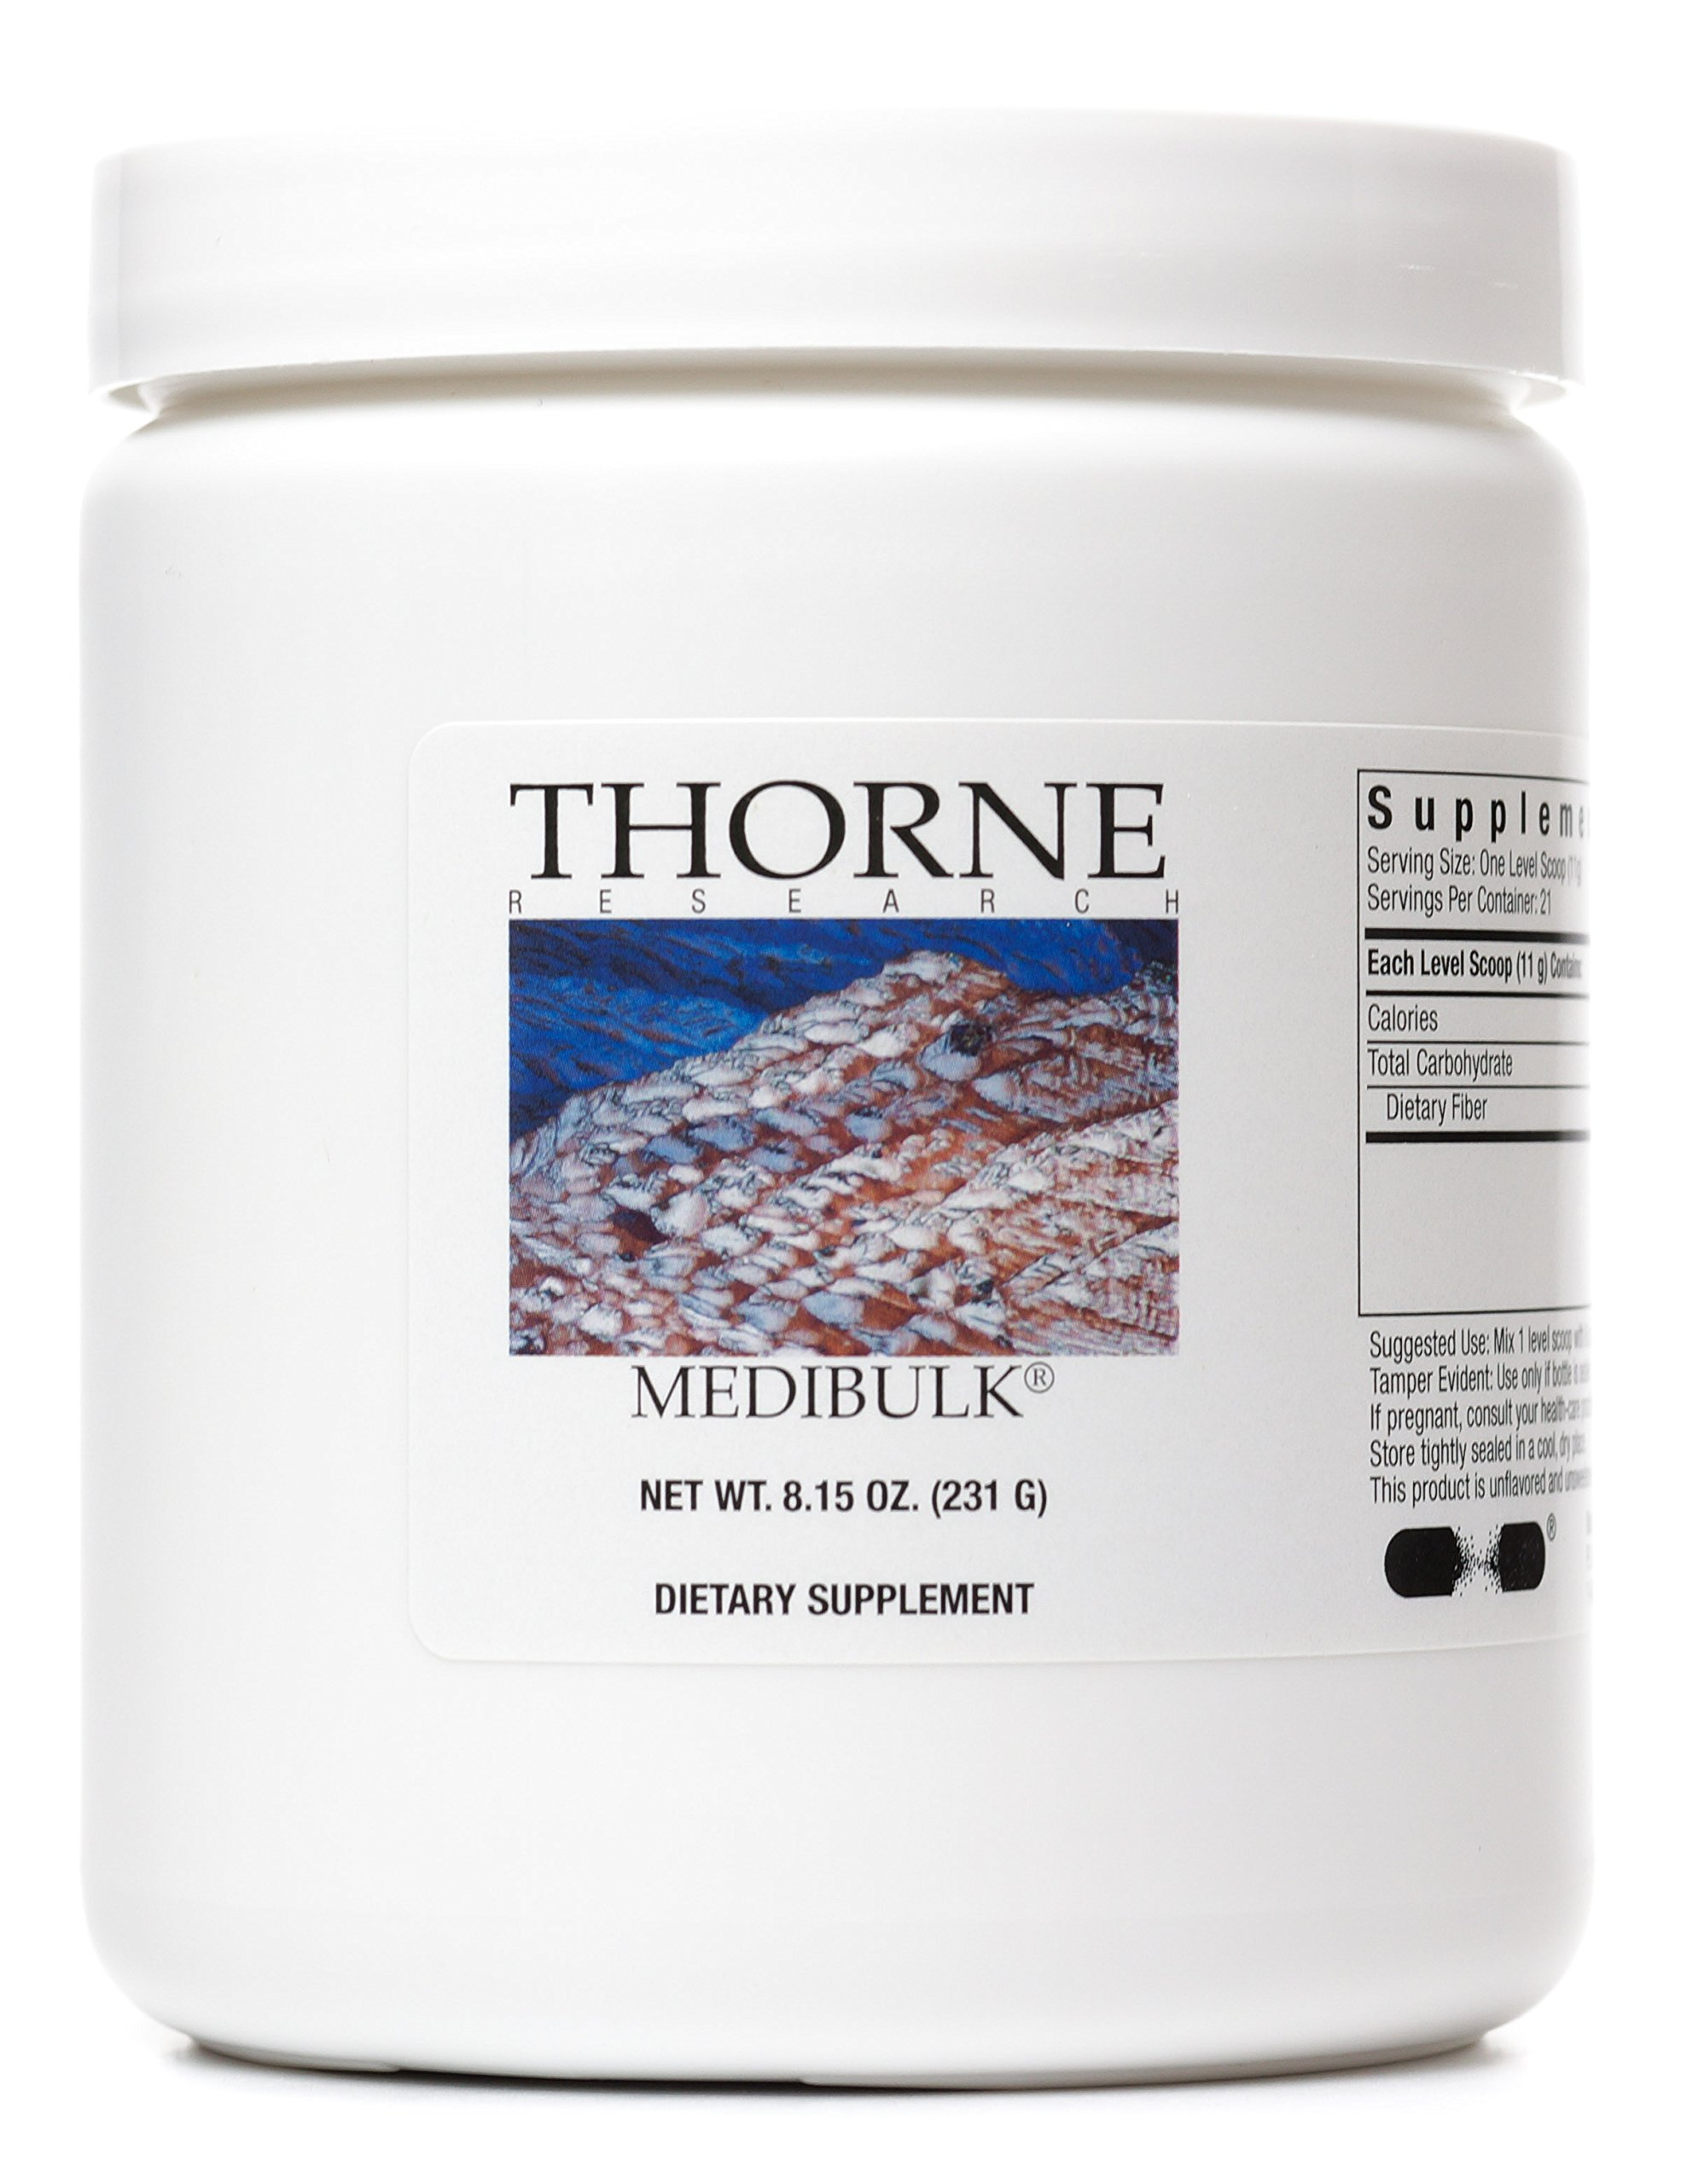 Thorne Research - Medibulk - Gluten-free Fiber Supplement - Powdered - 8.15 ounces (231 g)